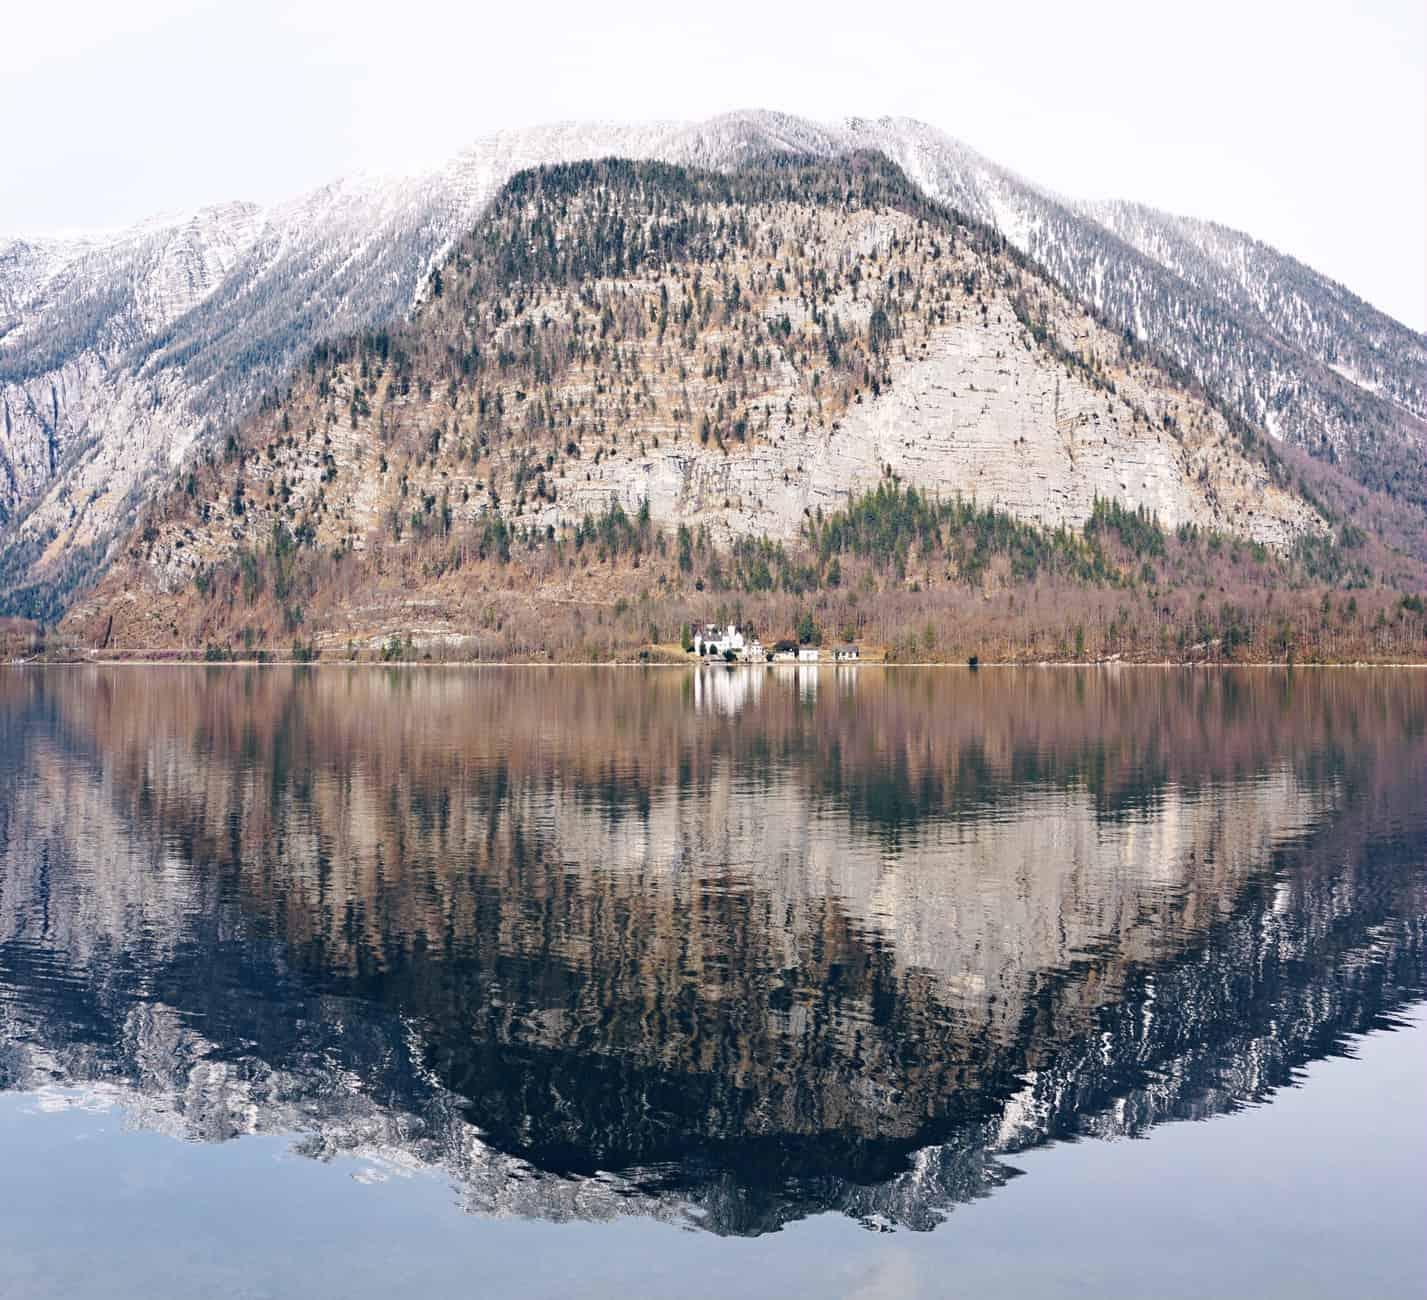 5 Reasons To Visit Hallstatt The Most Beautiful Village In Austria Hallstatt In March